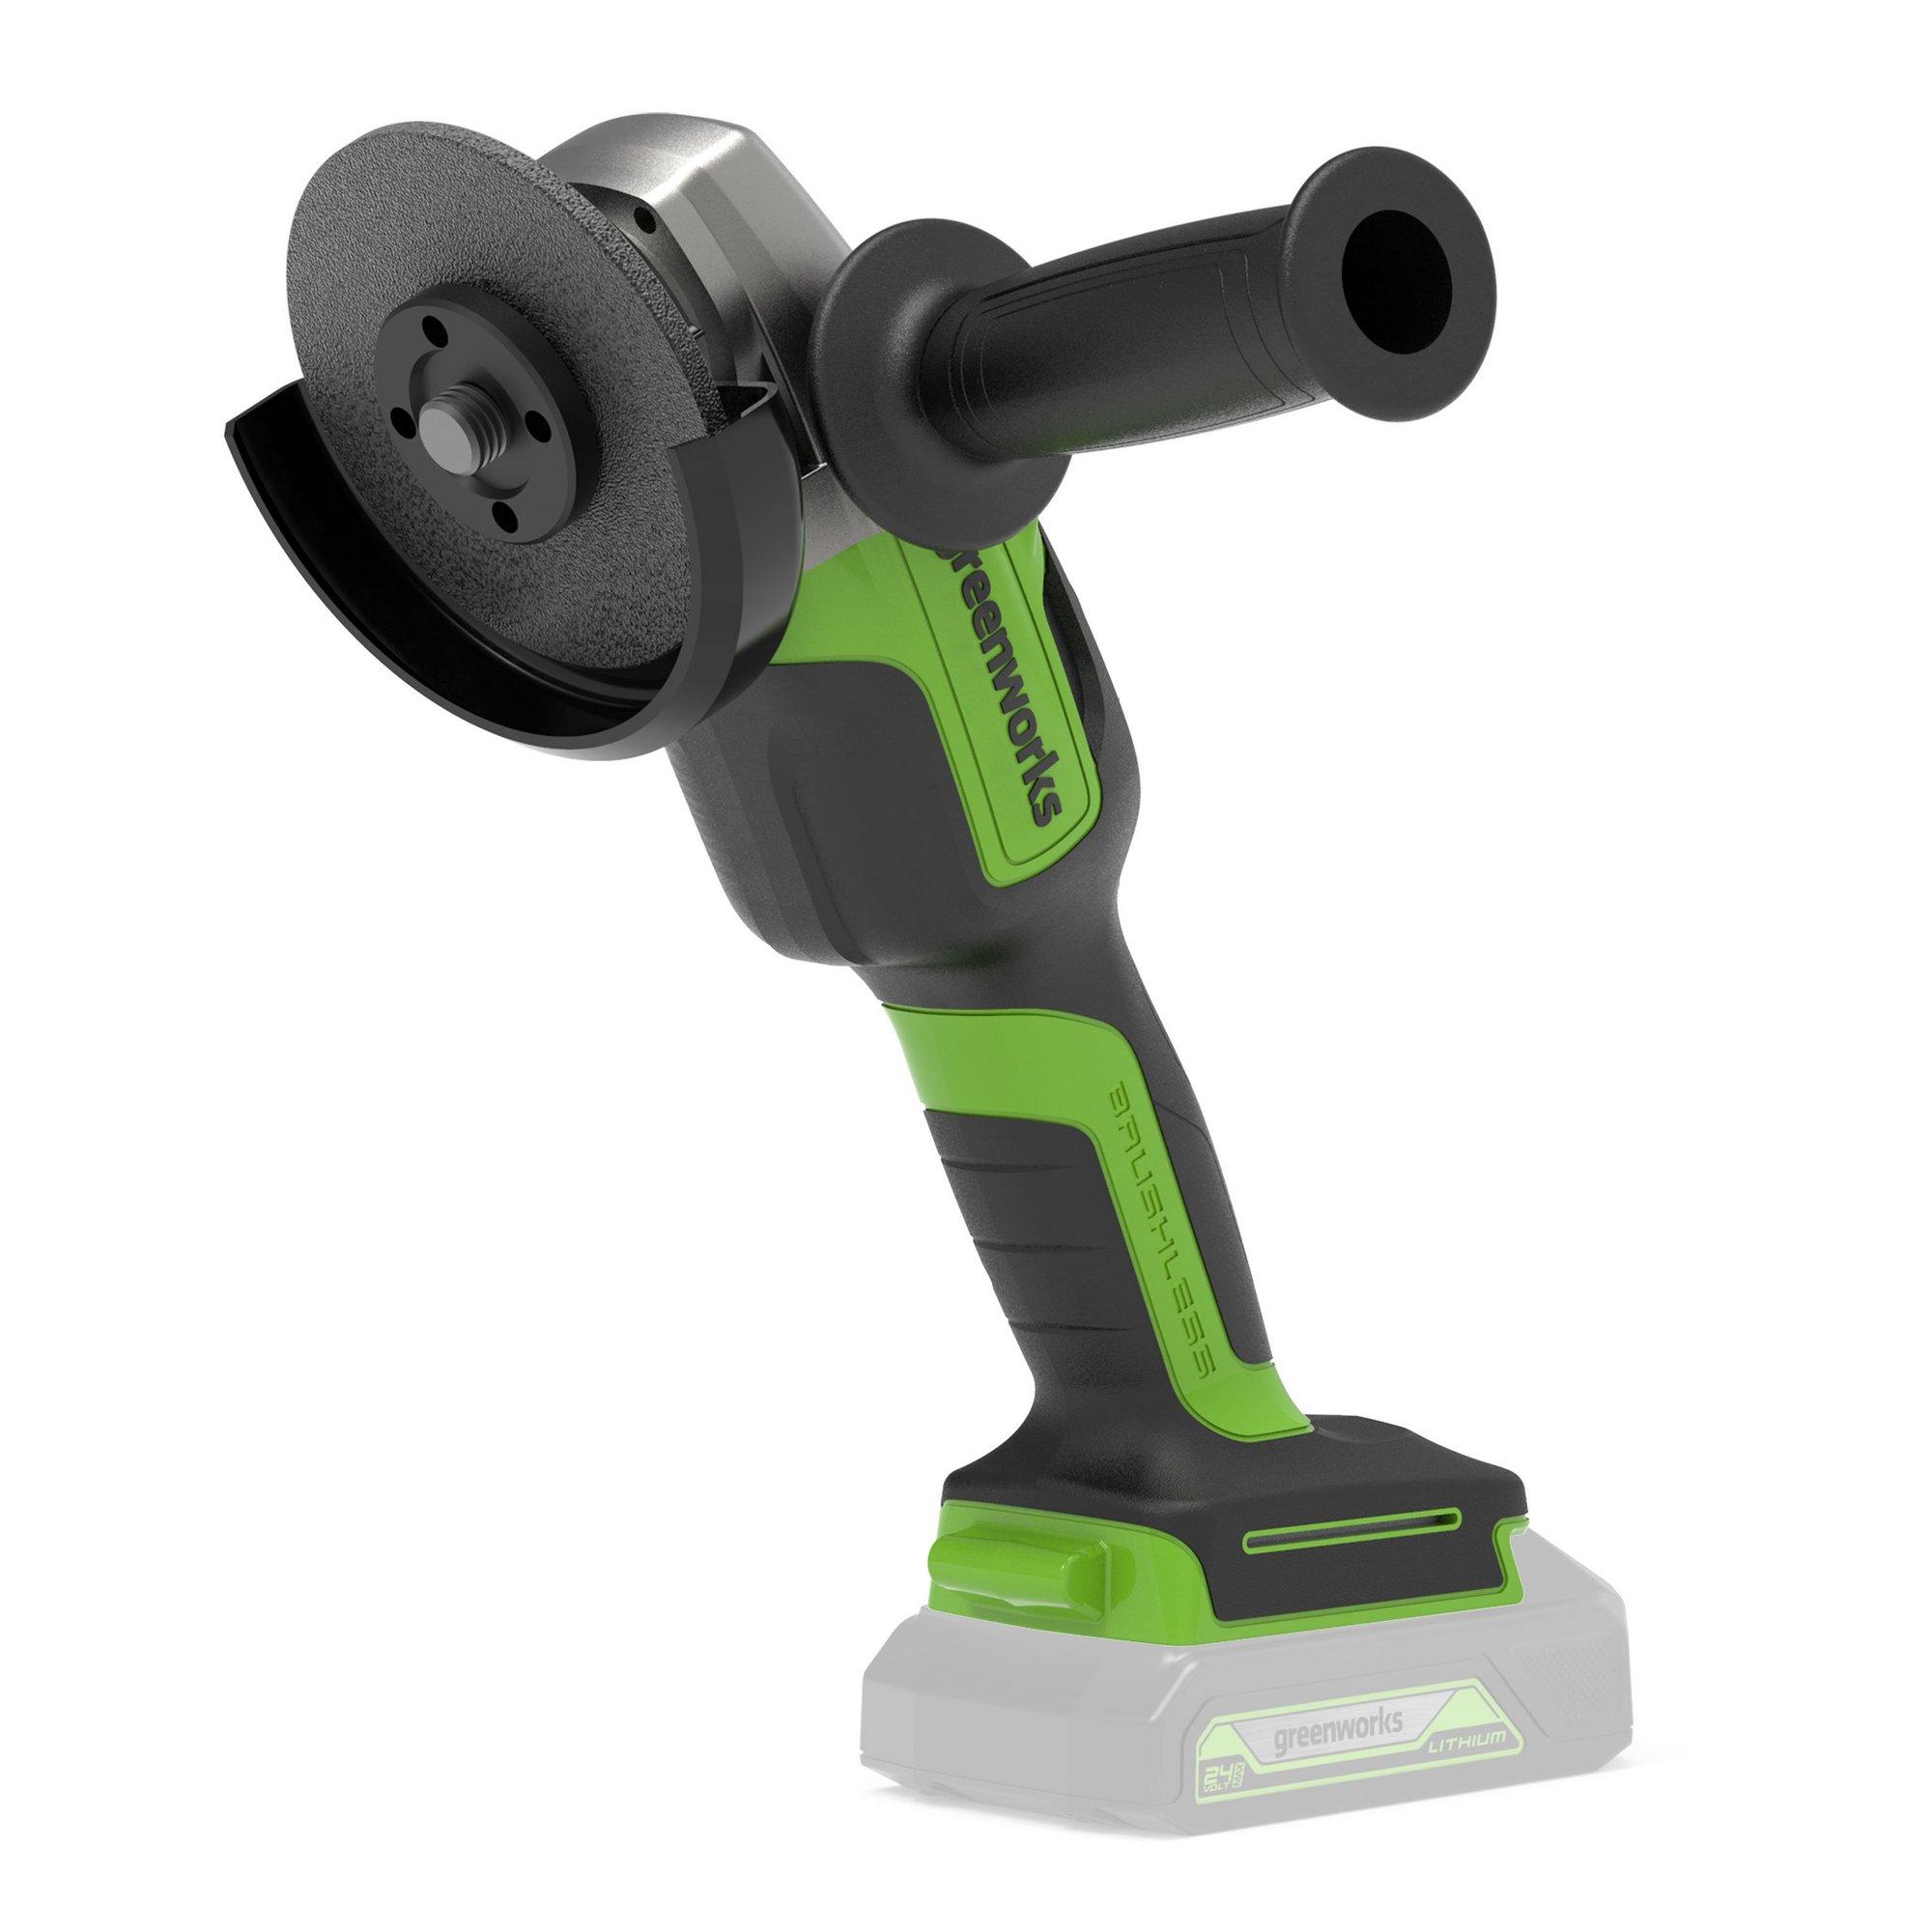 Image of Greenworks 24V Brushless Angle Grinder (Tool Only)